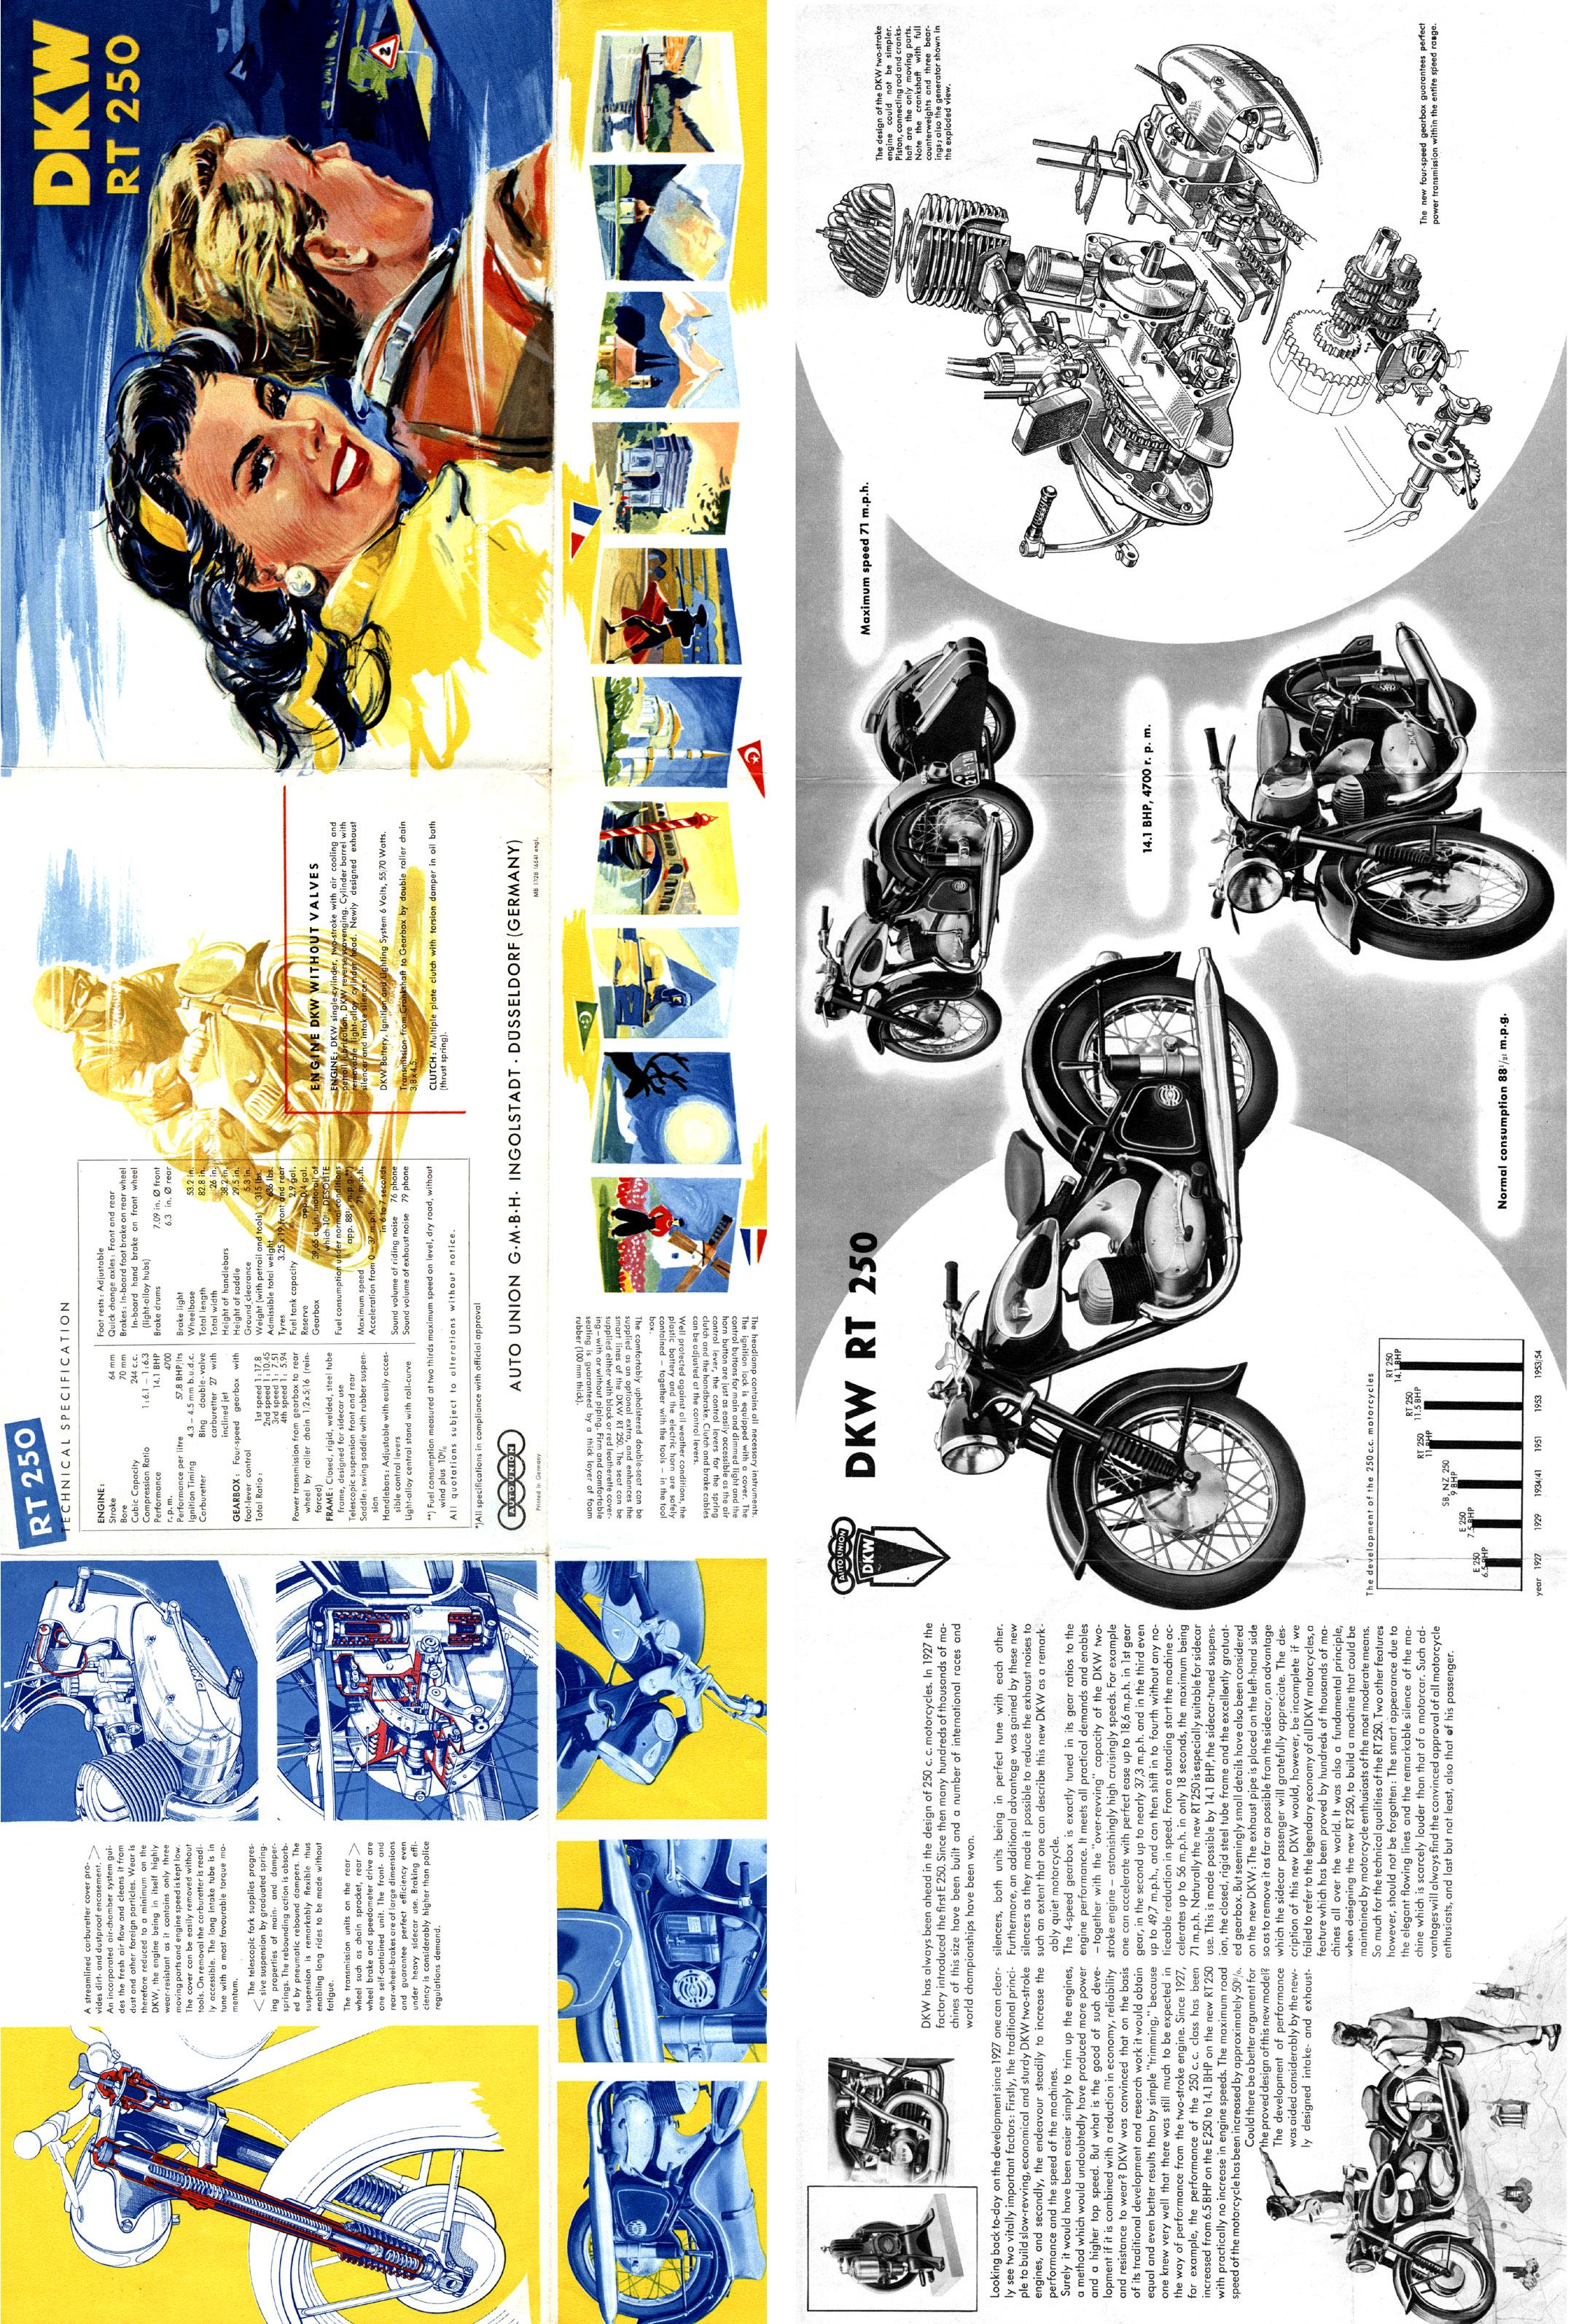 DKW Dokumente zum Download – Rt 100 Engine Diagram